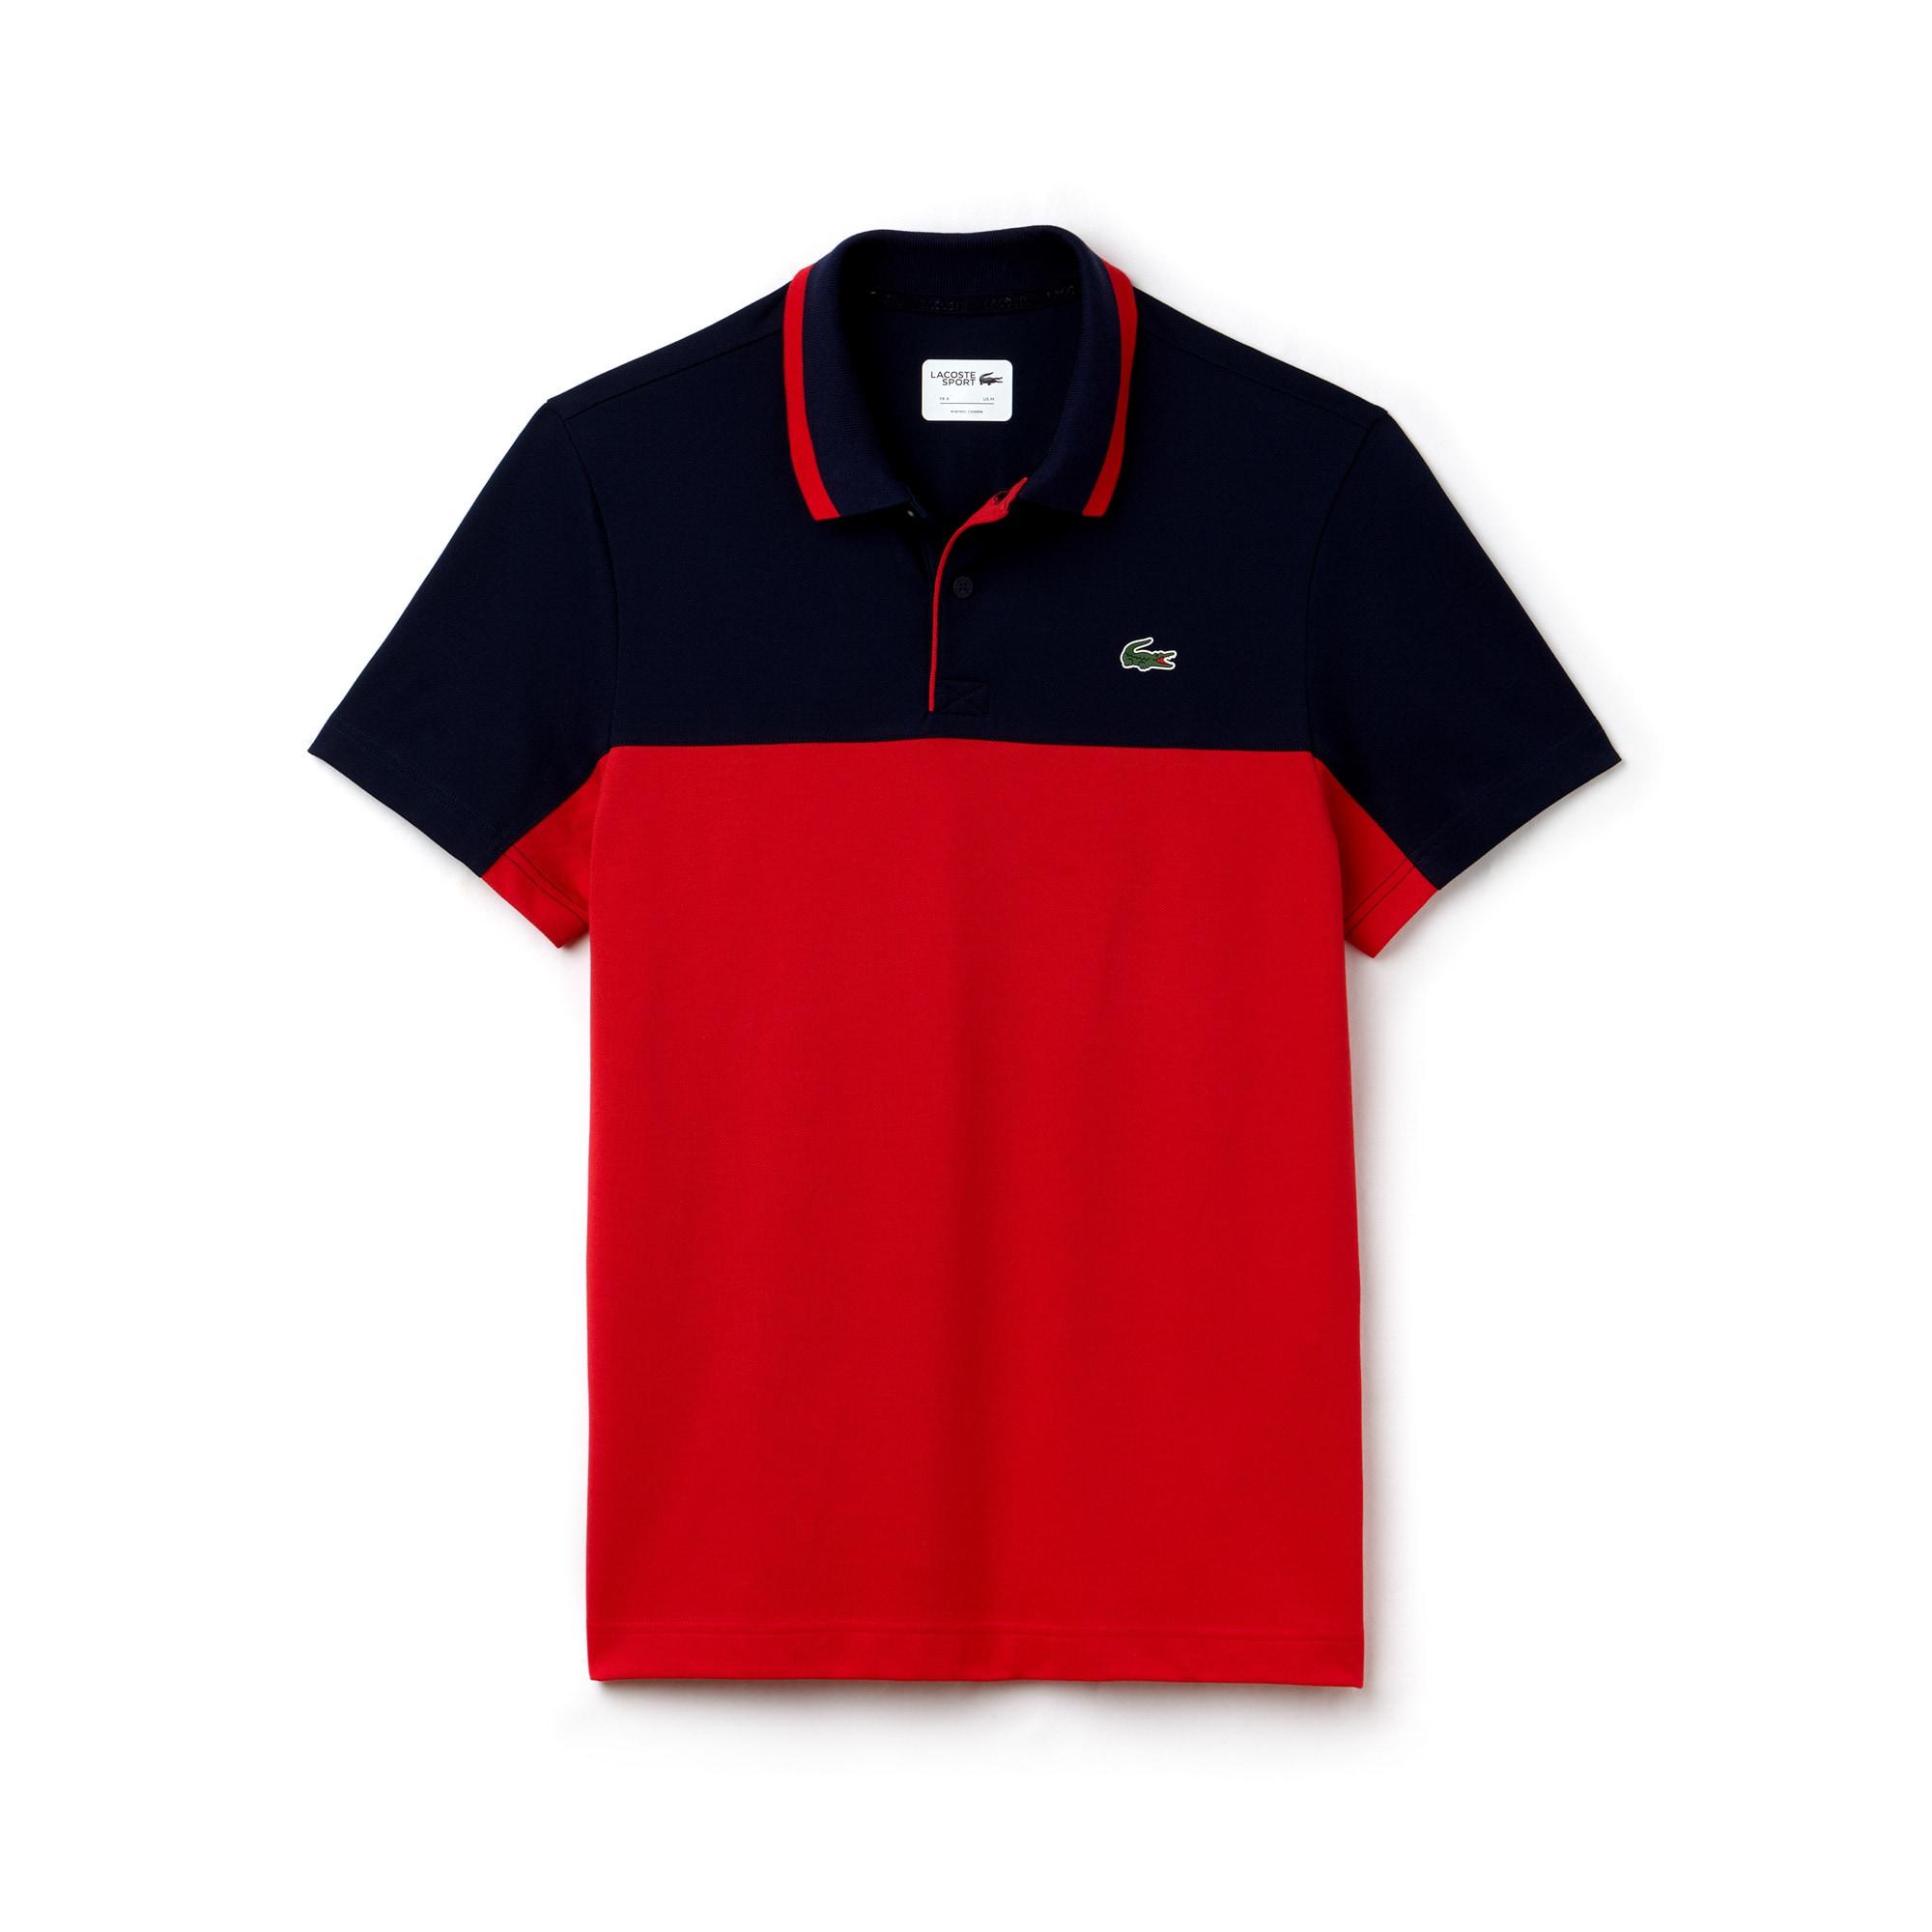 قميص البولو للغولف الرجالي من لاكوست سبورت يتميز بألوانه المتصادمة وبخامة  بيتي بيكيه